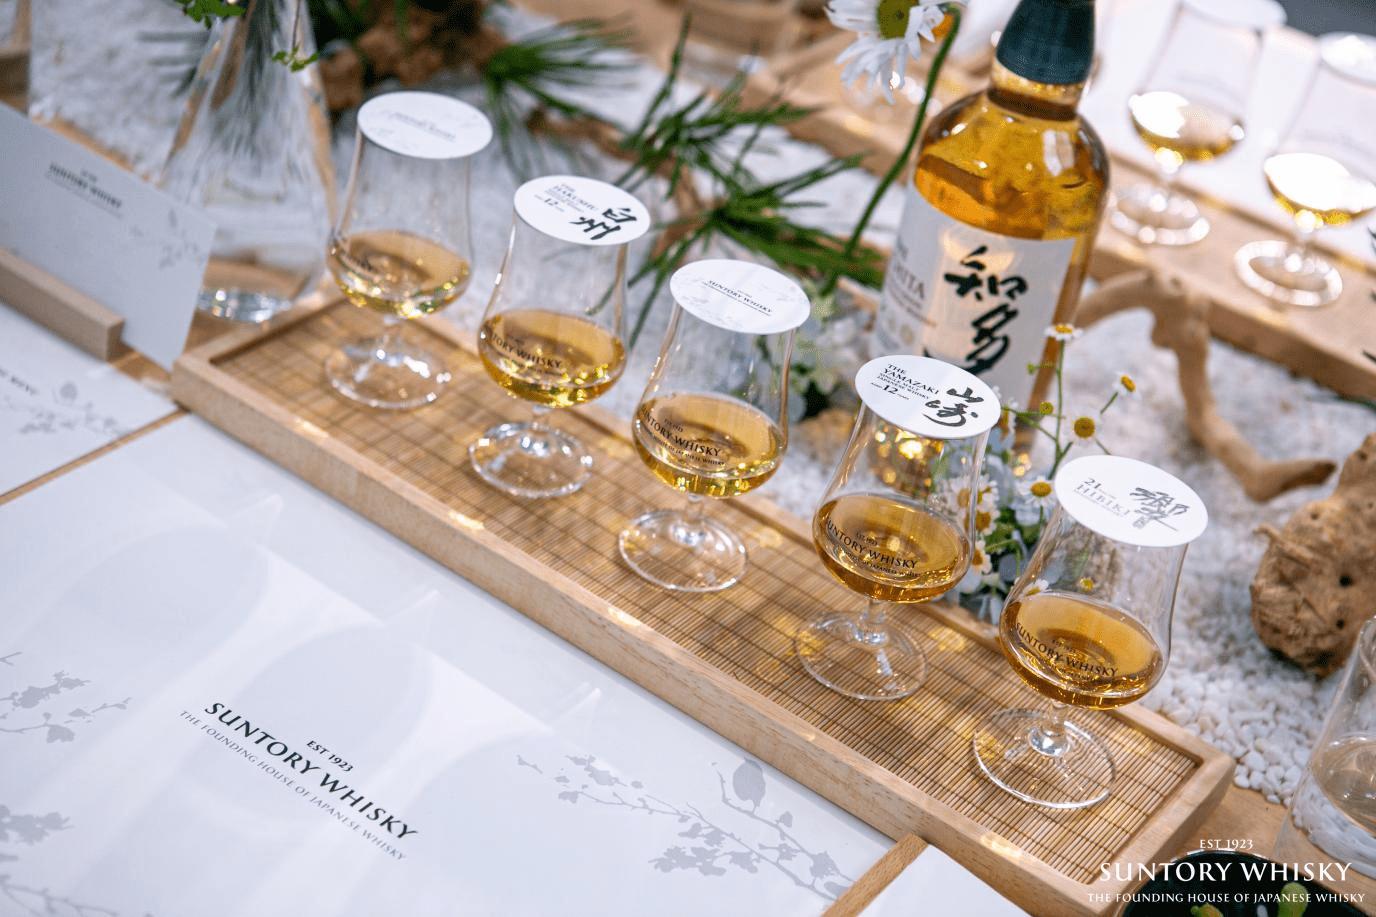 应时四季•归源自然,探寻三得利日本威士忌的匠人初心